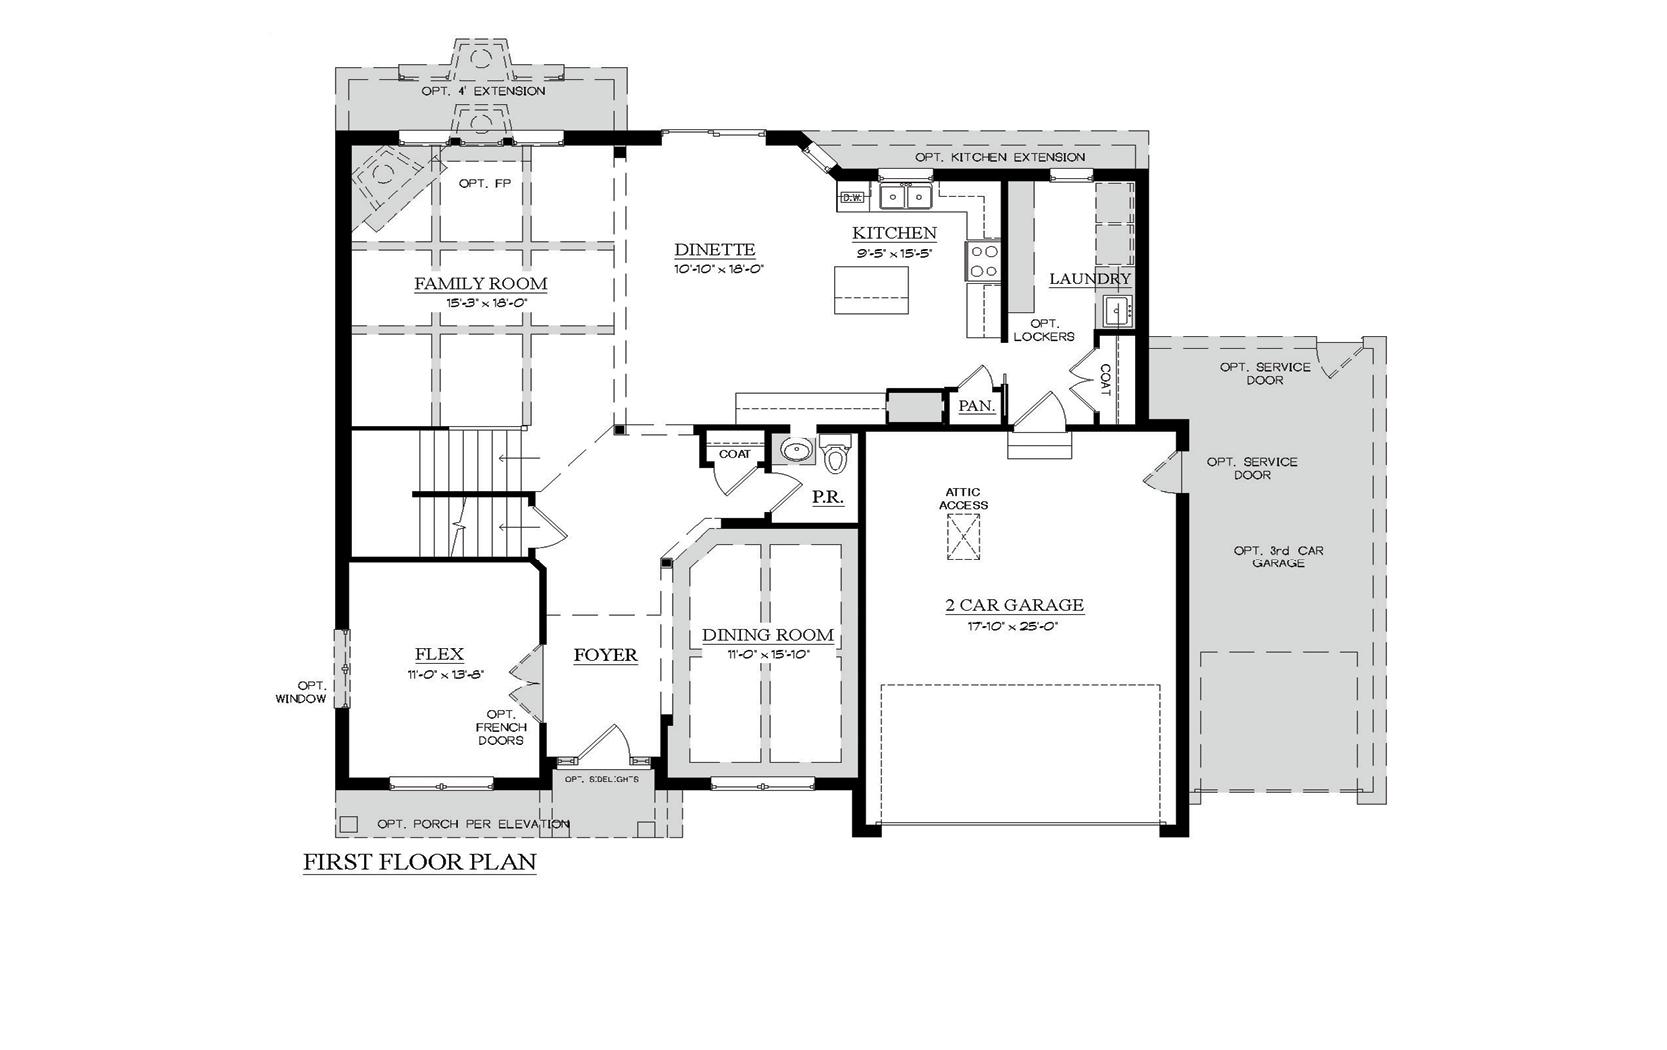 Keystone homes floor plans keystone homes floor plans for Keystone house plan